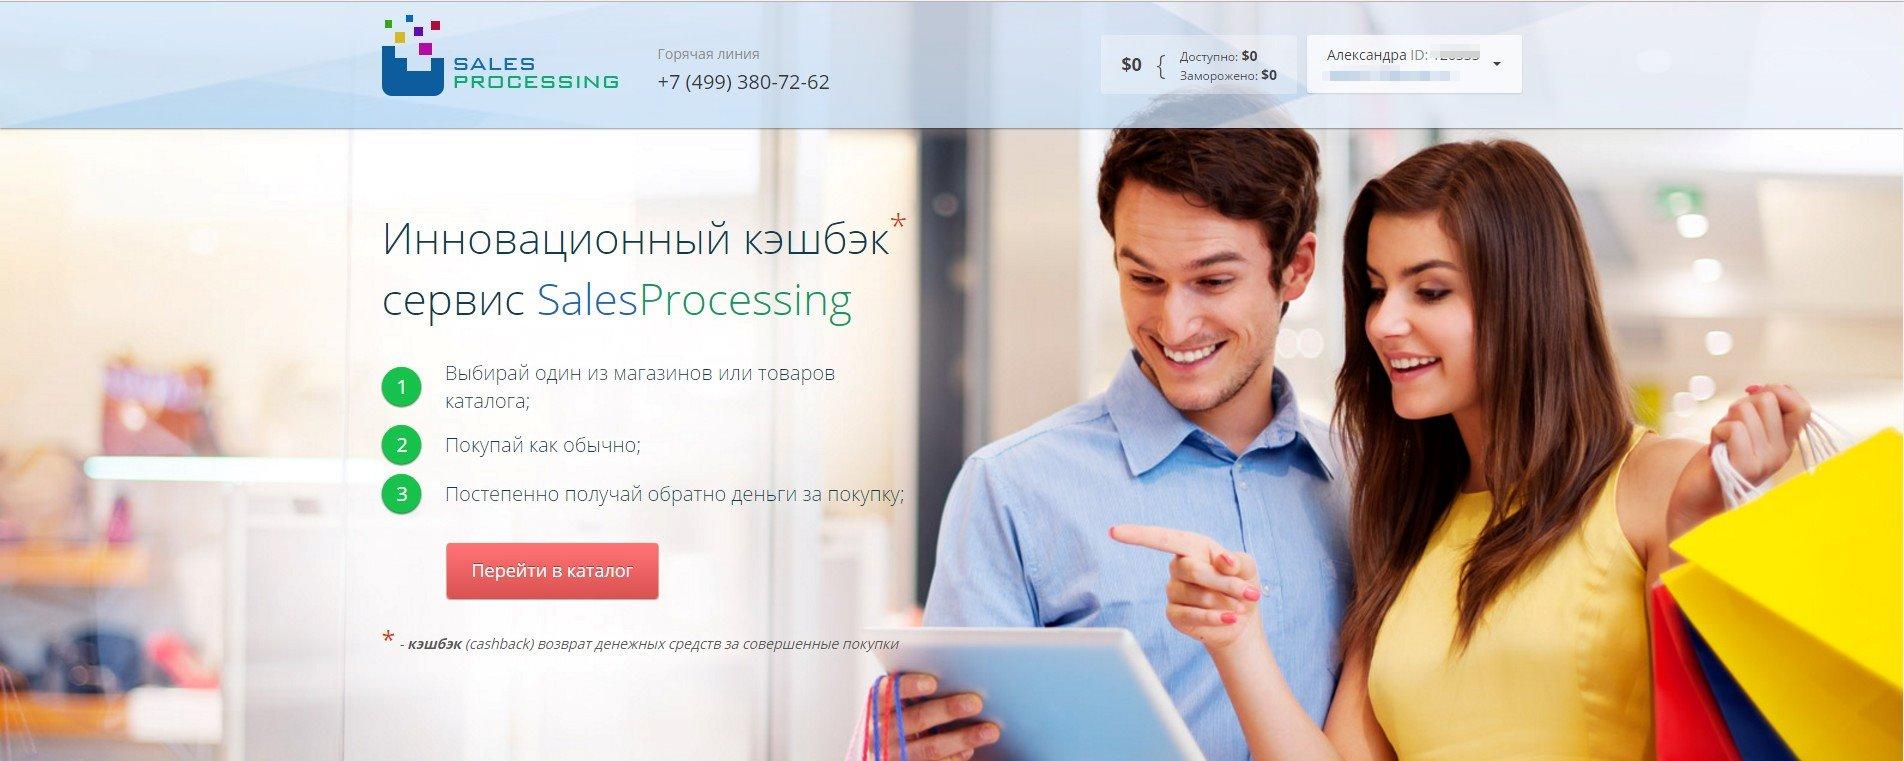 http://s7.uplds.ru/Wq7K1.jpg